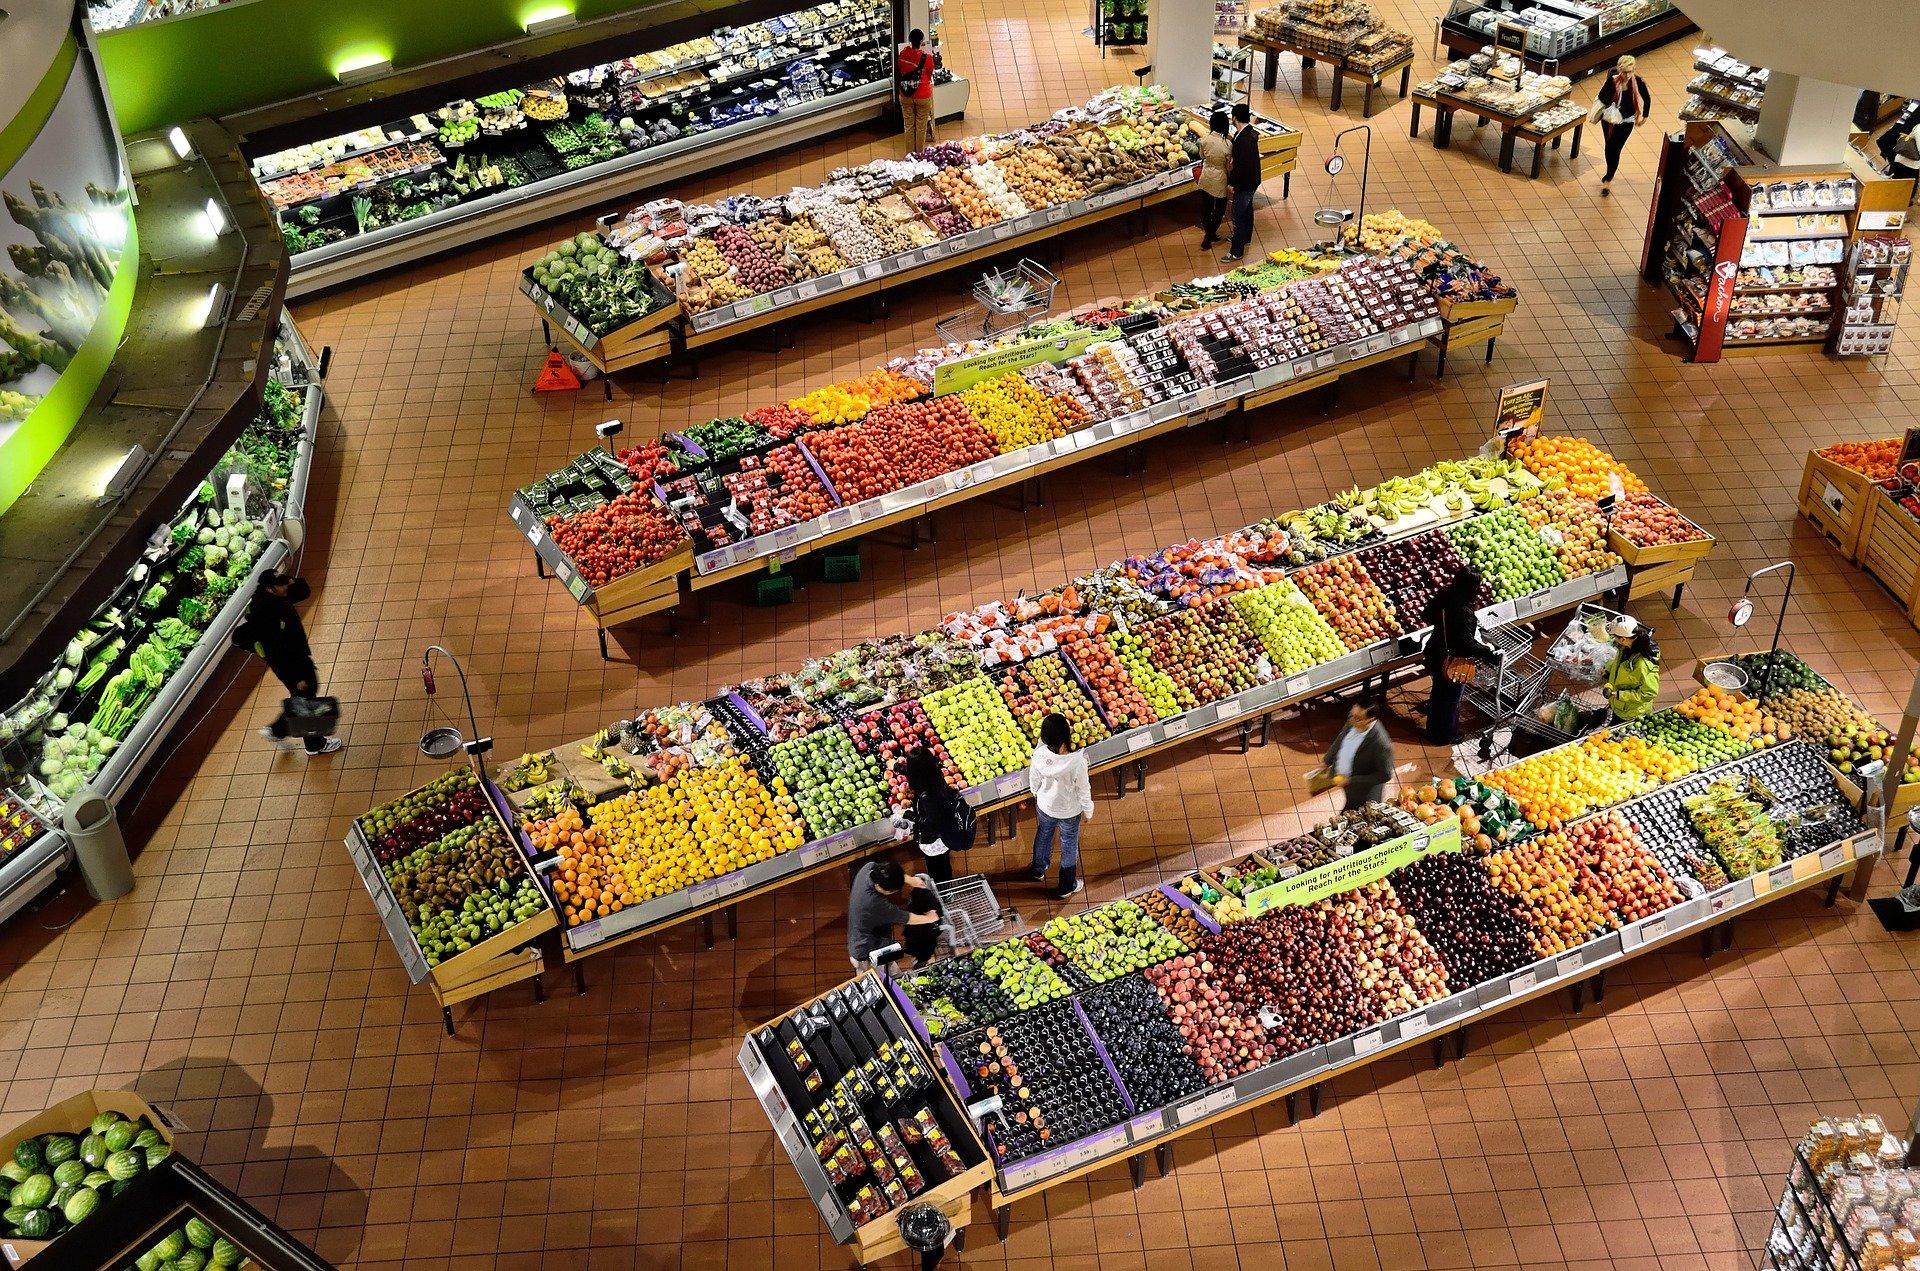 La production, la transformation, le conditionnement, l'acheminement et la conservation de la nourriture est totalement déléguée à une chaine d'acteurs dans le monde moderne.